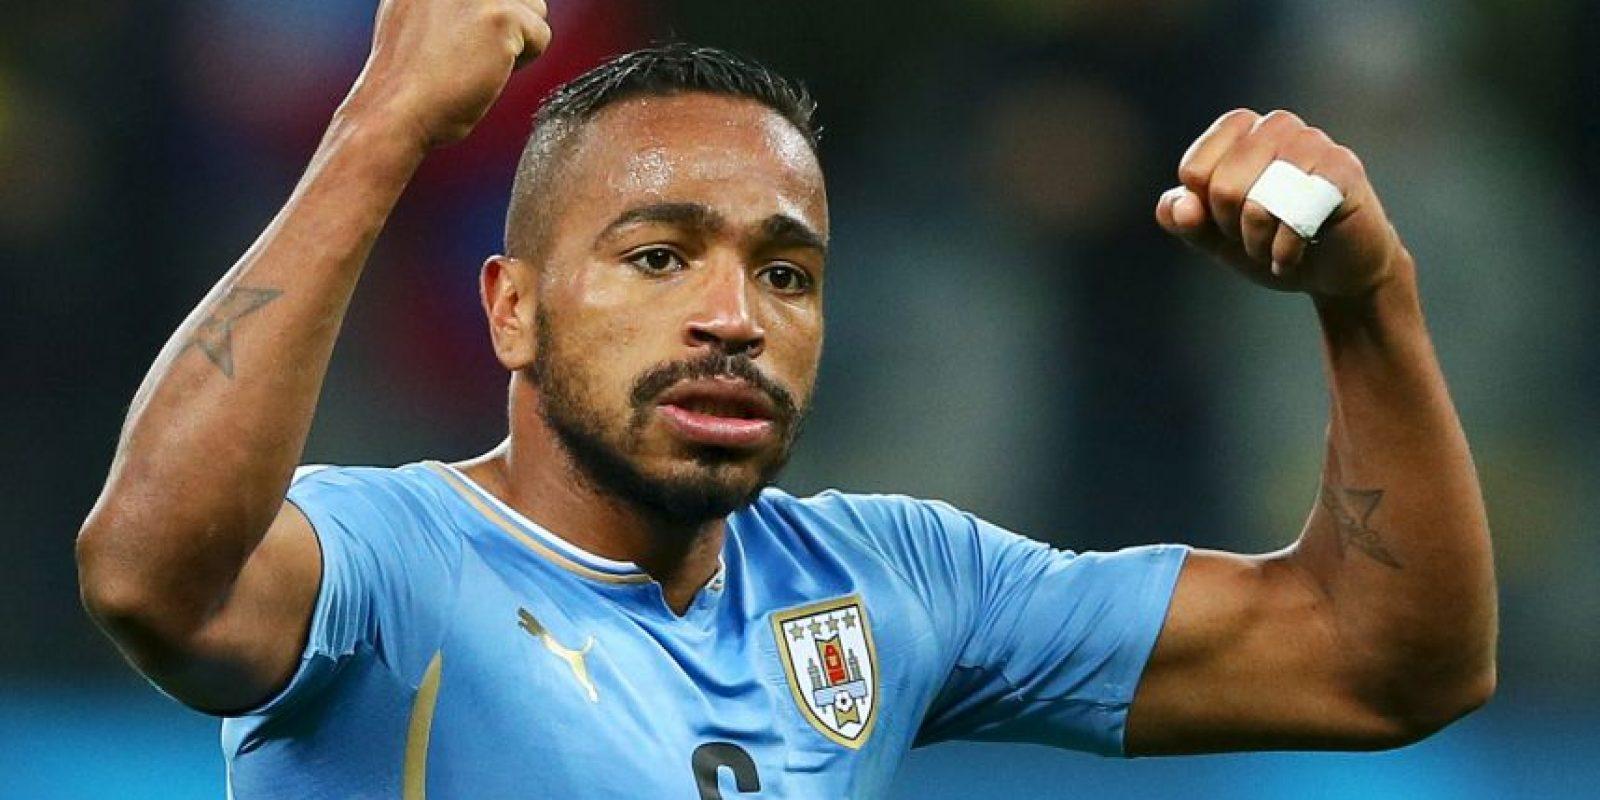 El dominador del centro del campo del campeón uruguay, además, colaboró con dos goles. Foto:Getty Images